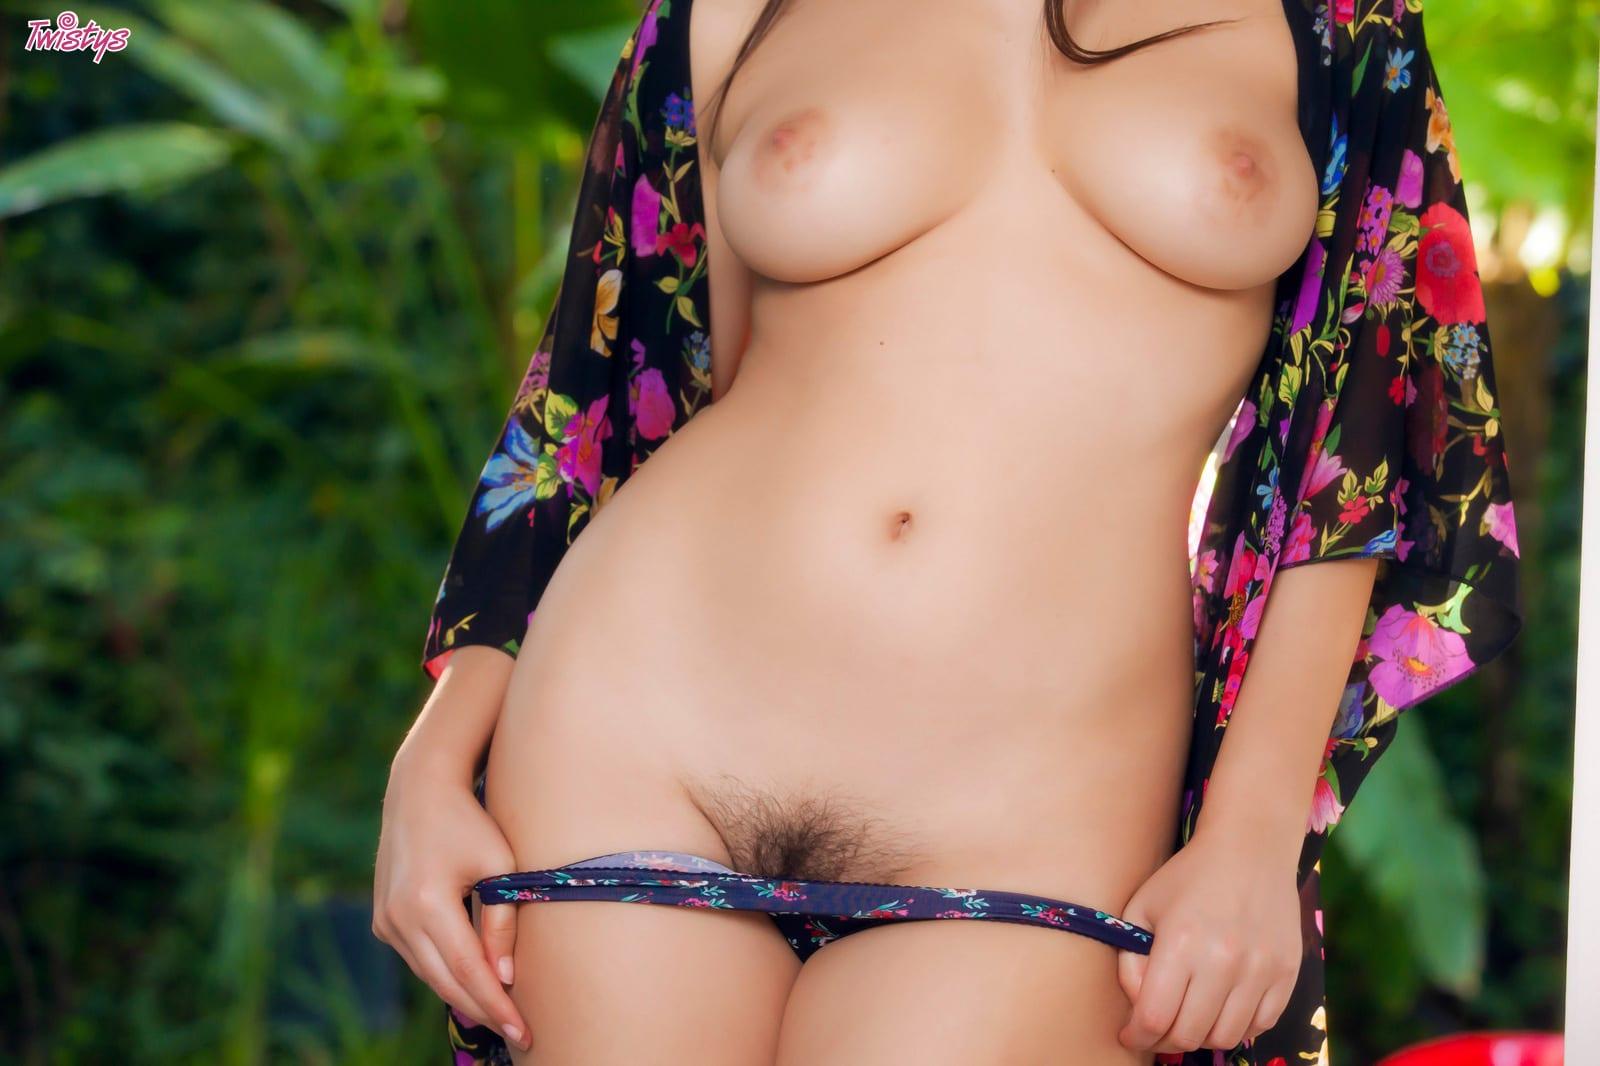 Valentina Nappi  - Valentina Na babepedia @Valentina_Nappi